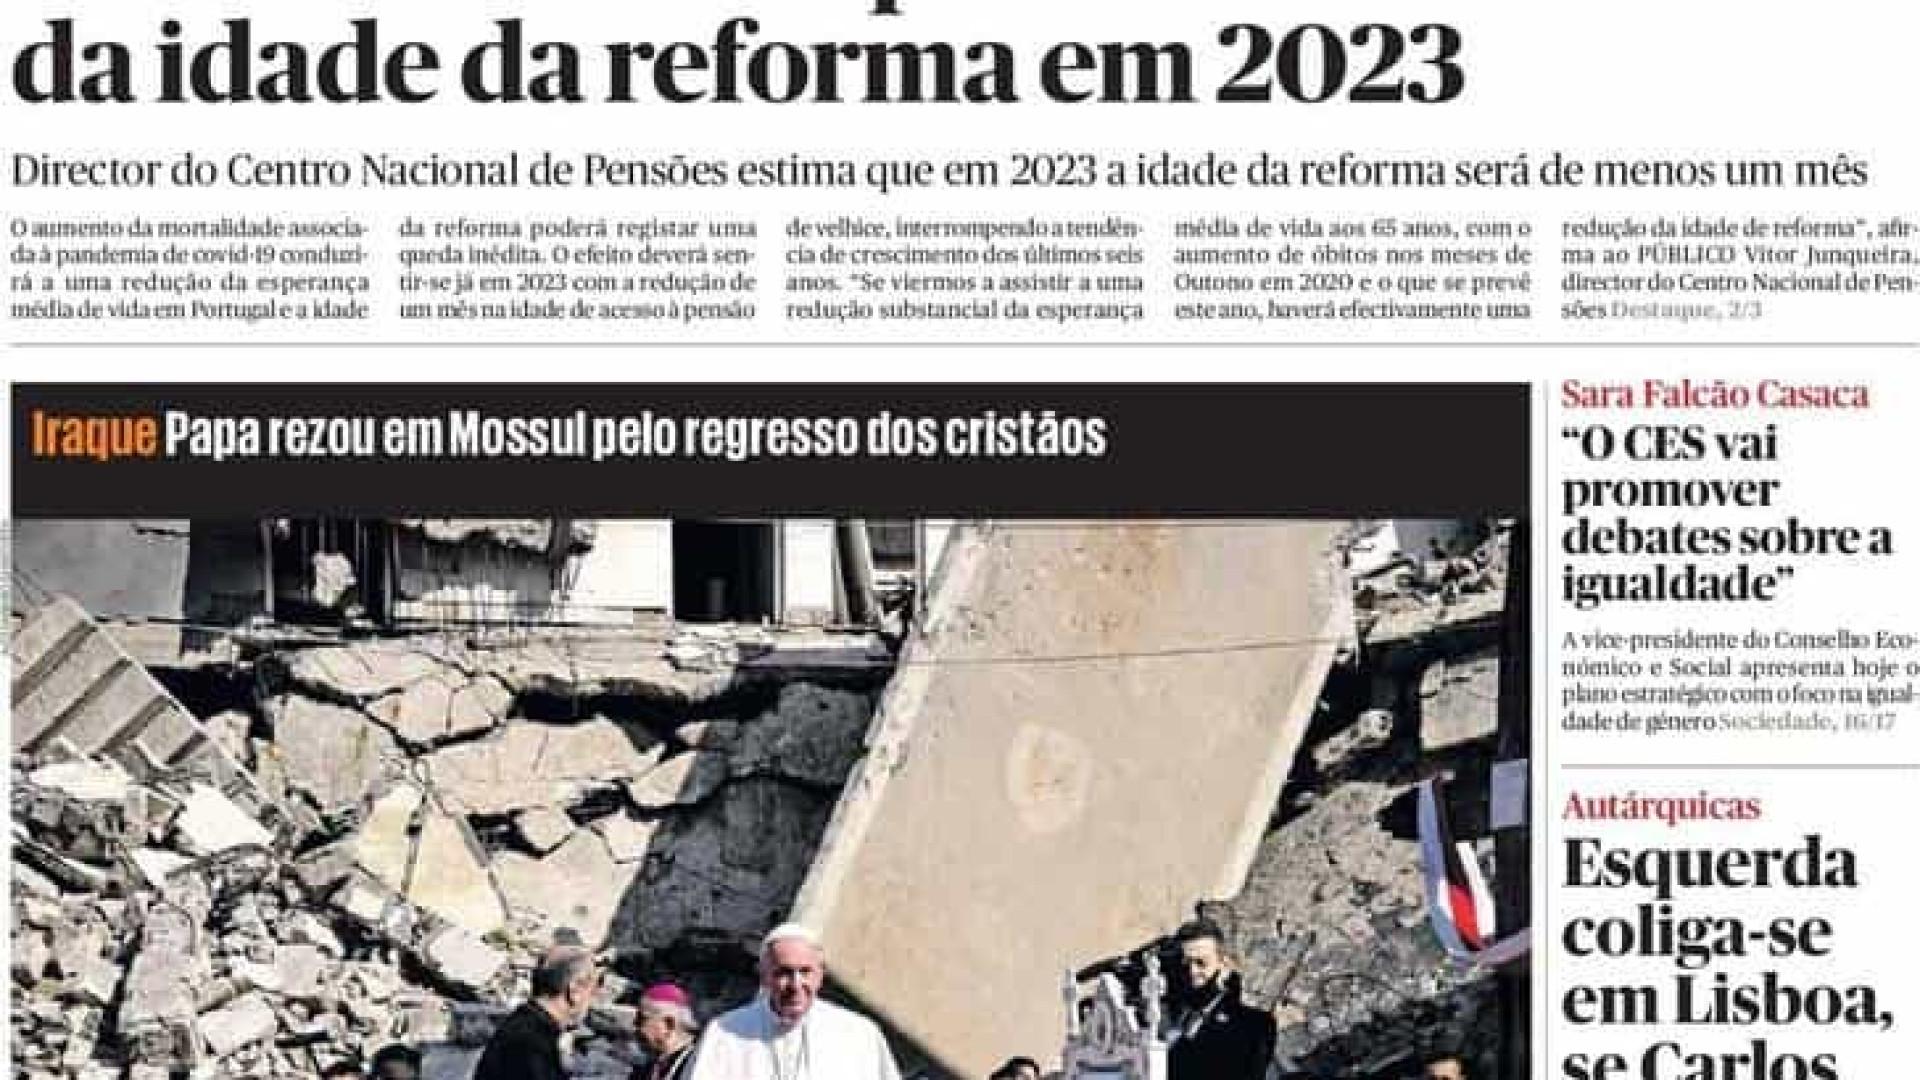 Hoje é notícia: Idade de reforma desce em 2023?; CR7 muda fortuna para cá